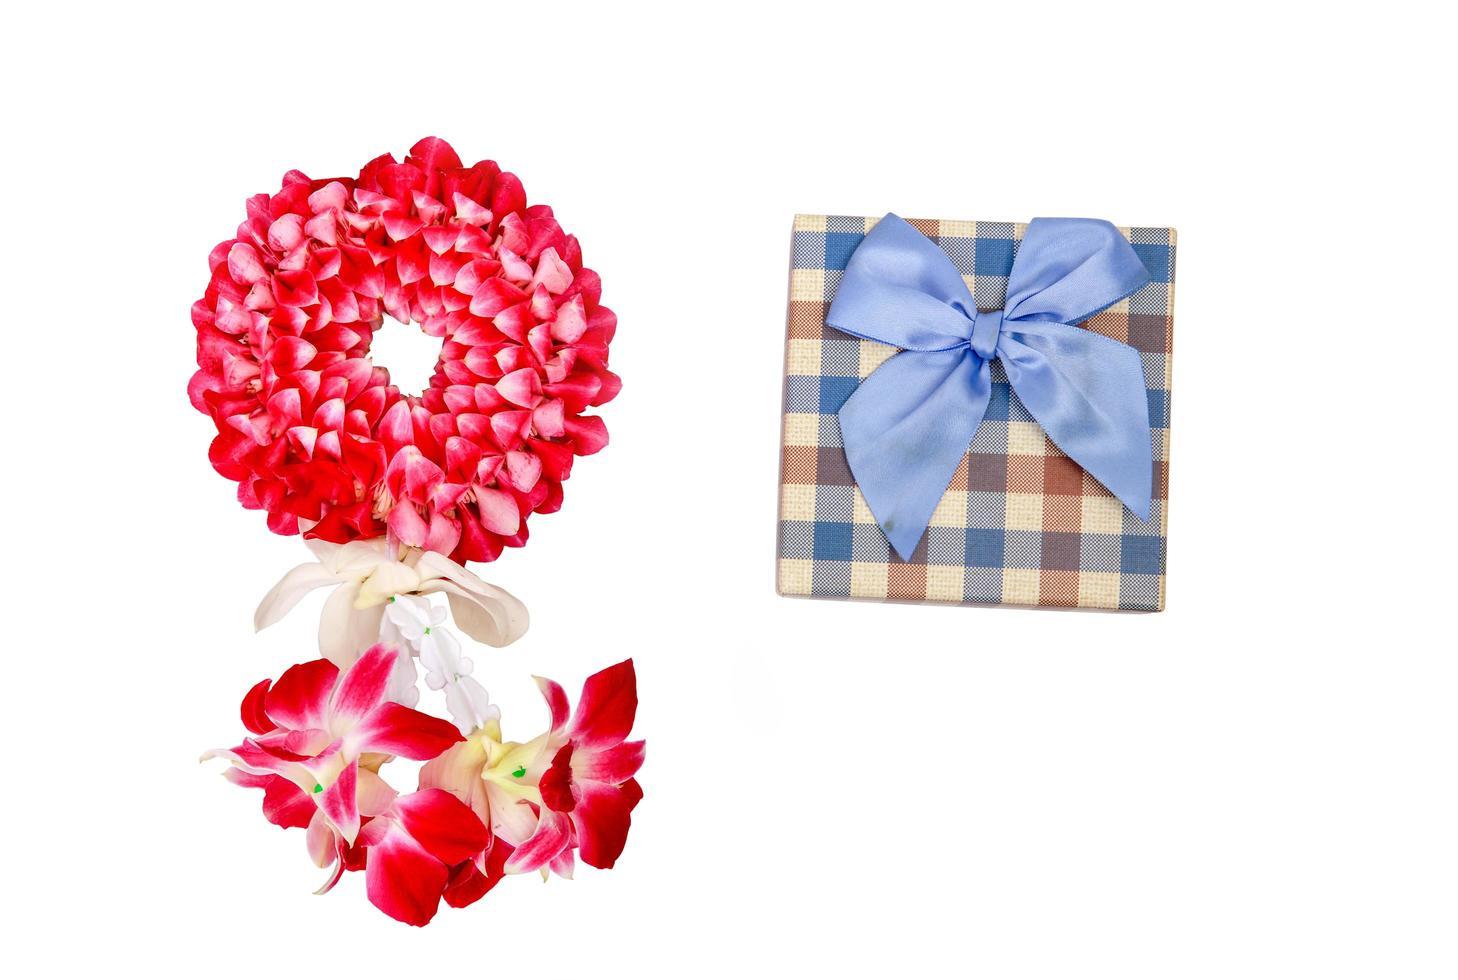 Caja de regalo de guirnalda de orquídeas sobre un fondo blanco. foto